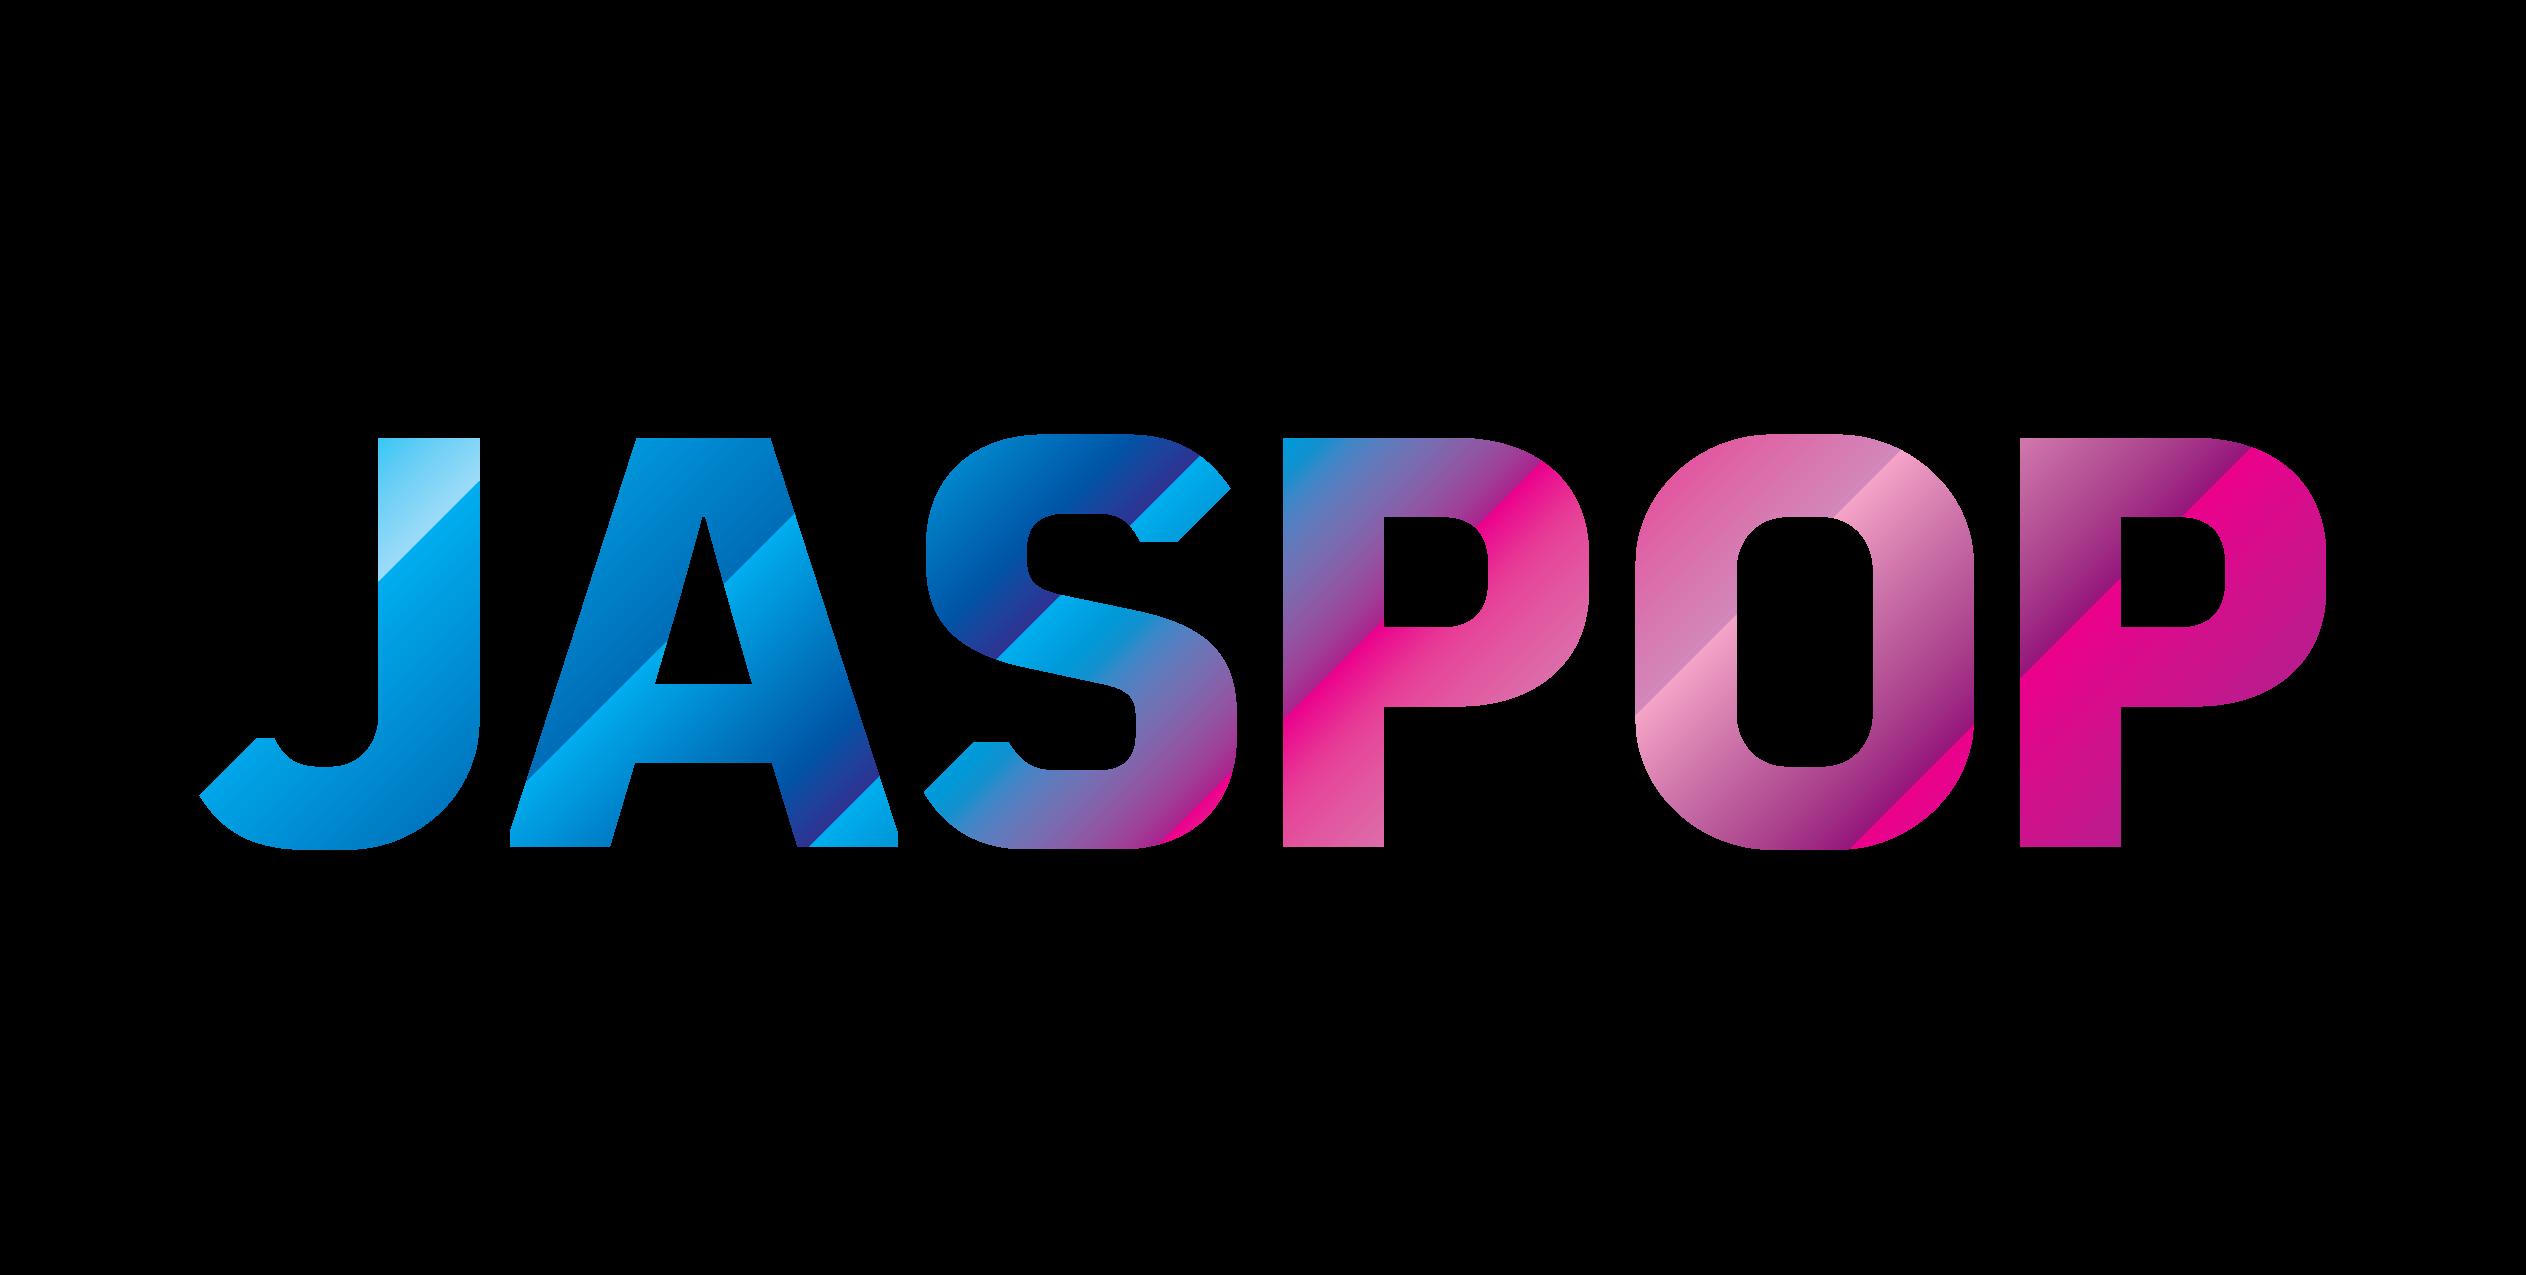 http://jaspop.com/wp-content/uploads/2017/12/jaspop-logo-PNG.png